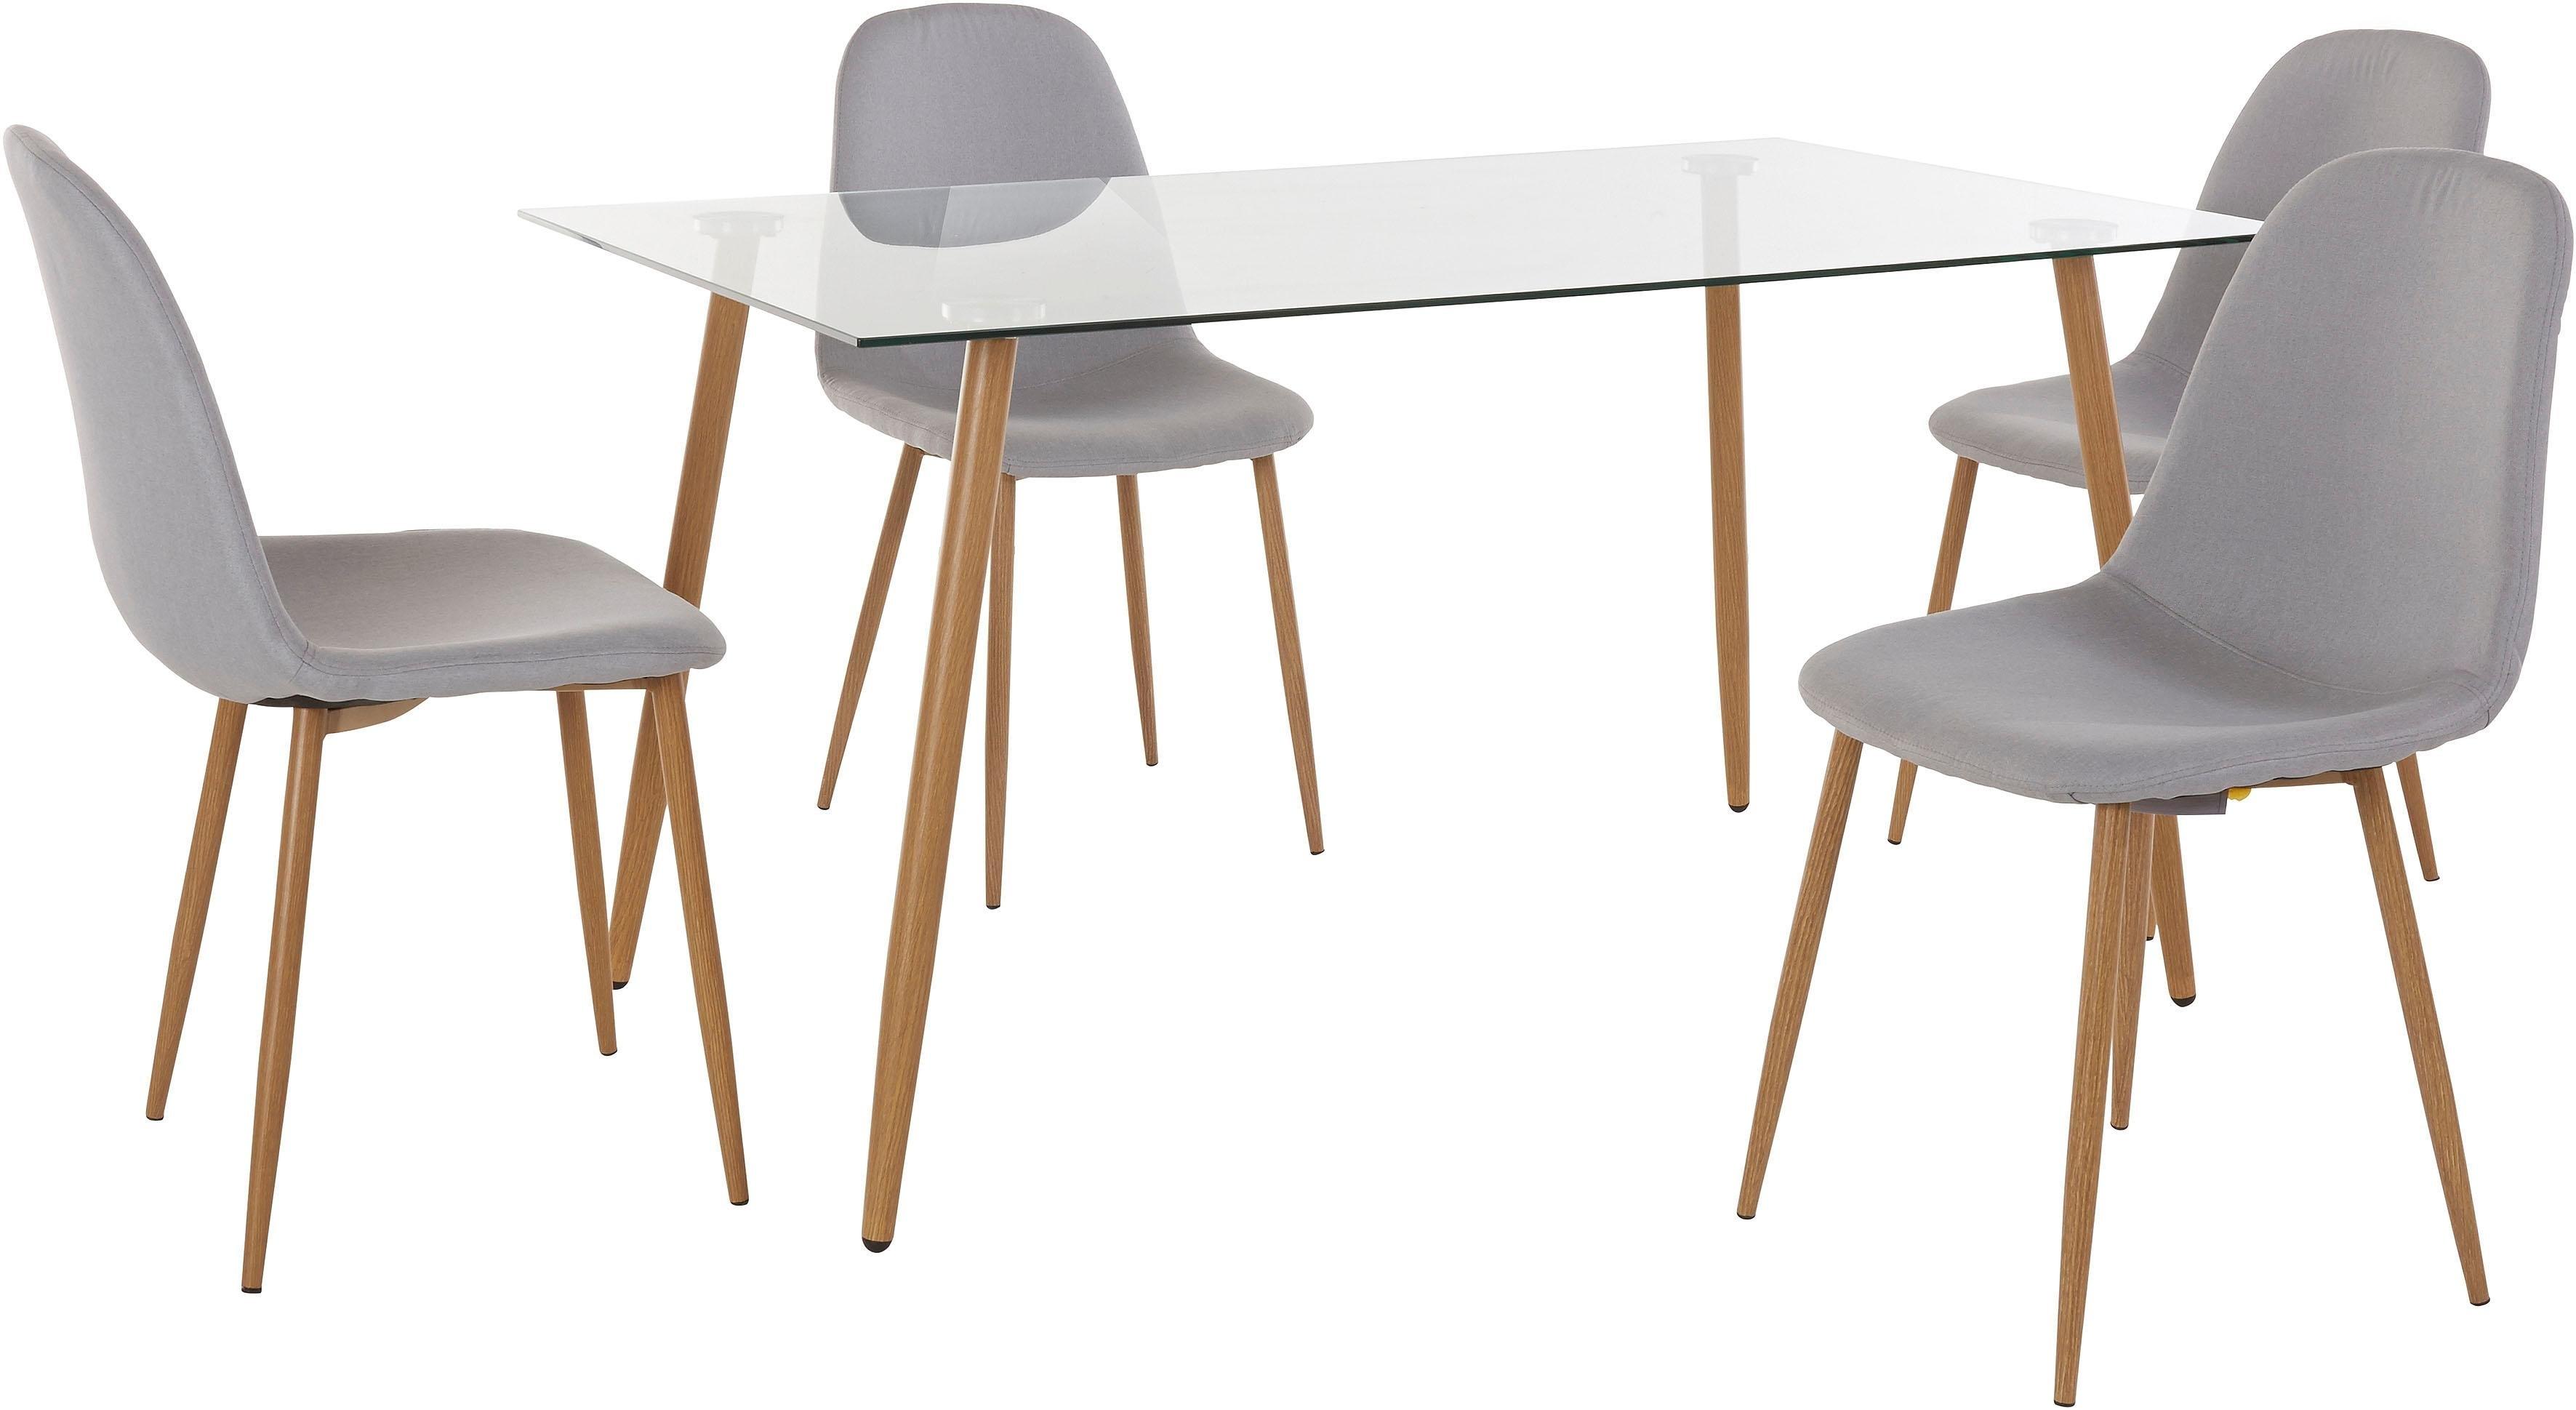 Eethoek hoekige glazen tafel met 4 stoelen weefstof snel online